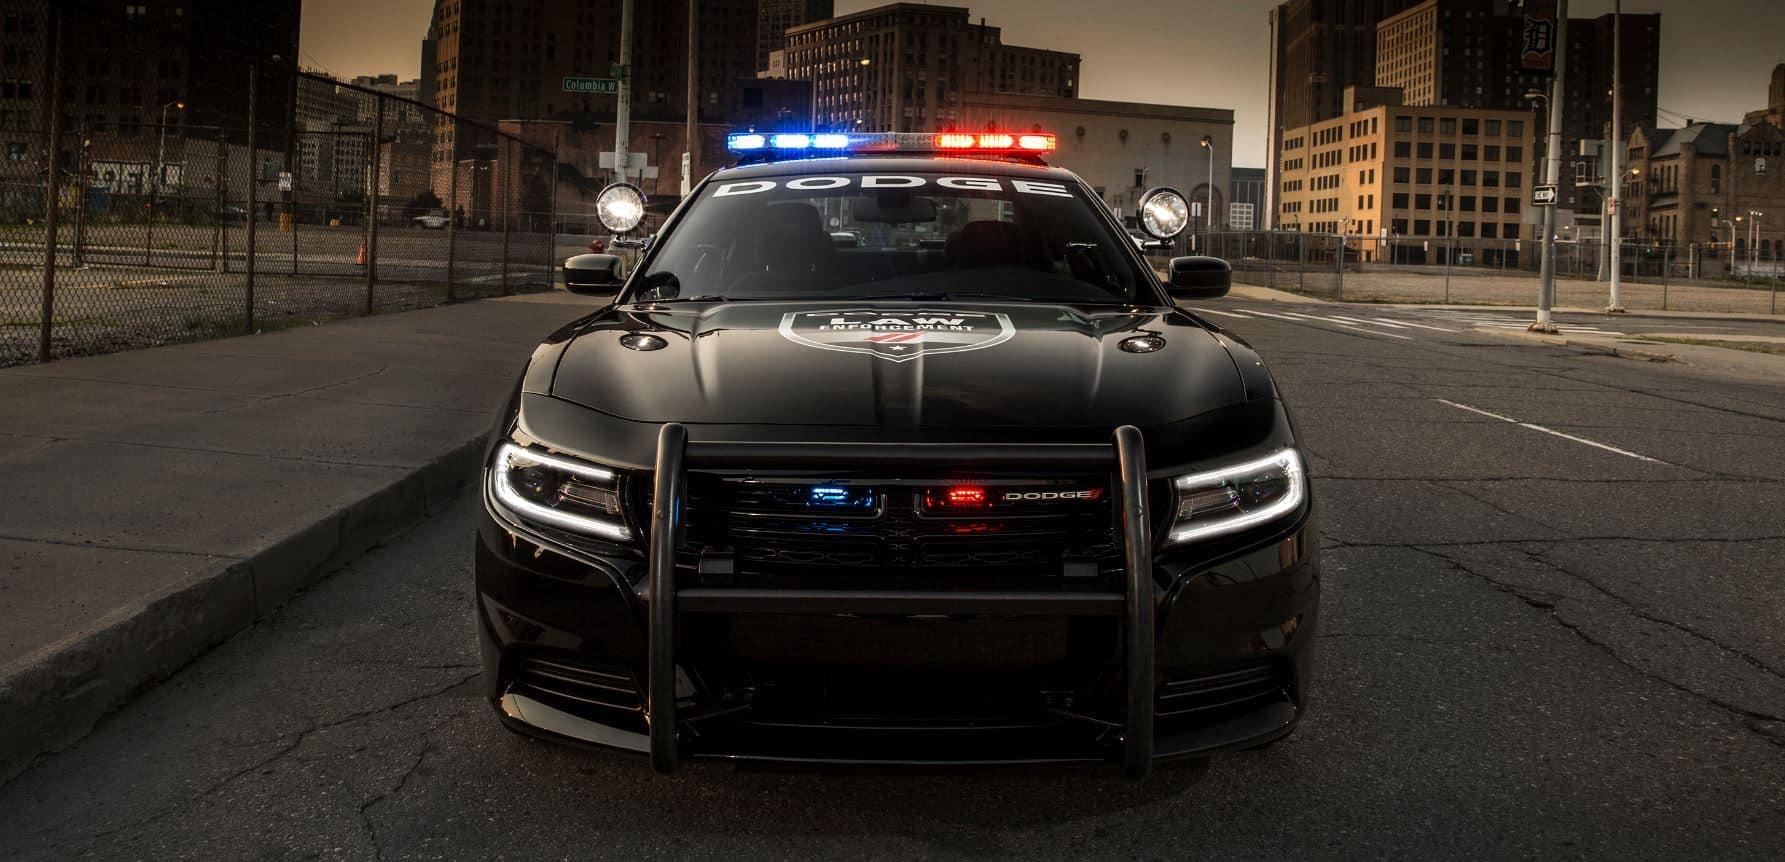 Dodge Charger Pursuit >> Dodge Charger y Durango Pursuit 2019: El azote de la ley ...